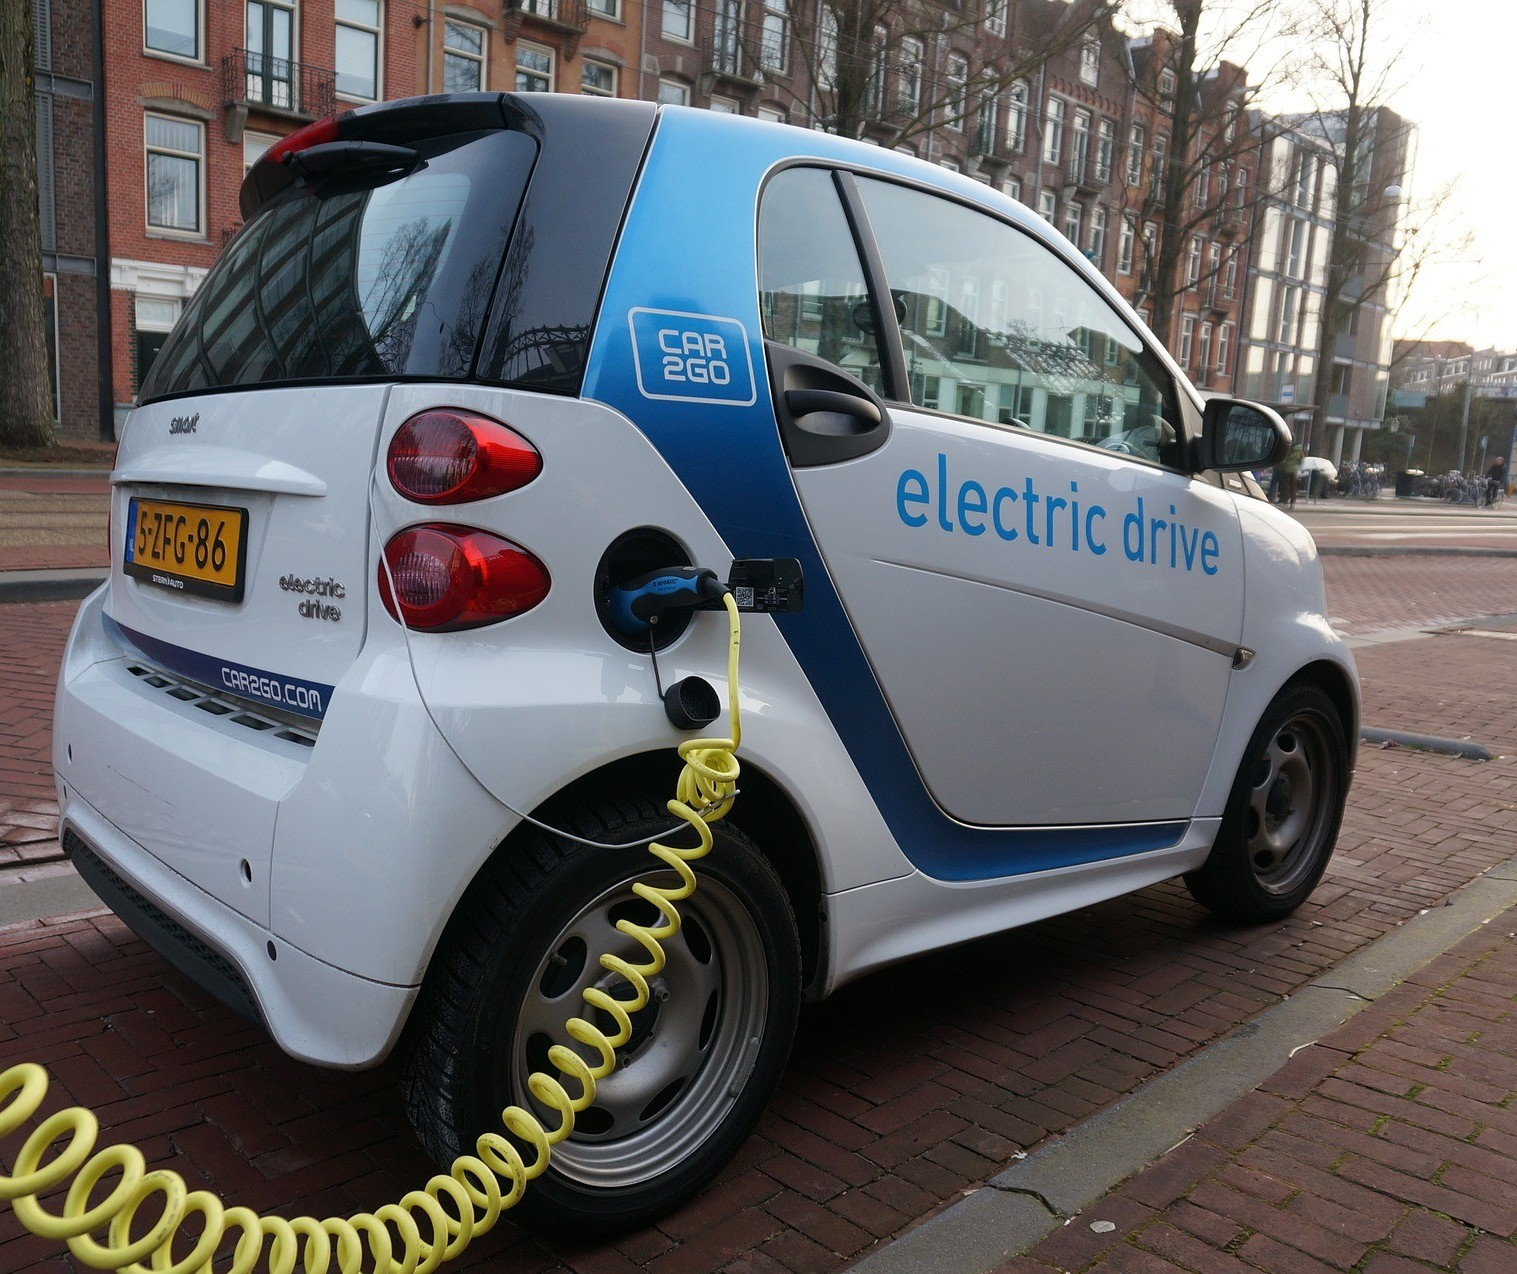 Frota de carros elétricos vai abrir novas oportunidades e responsabilidades